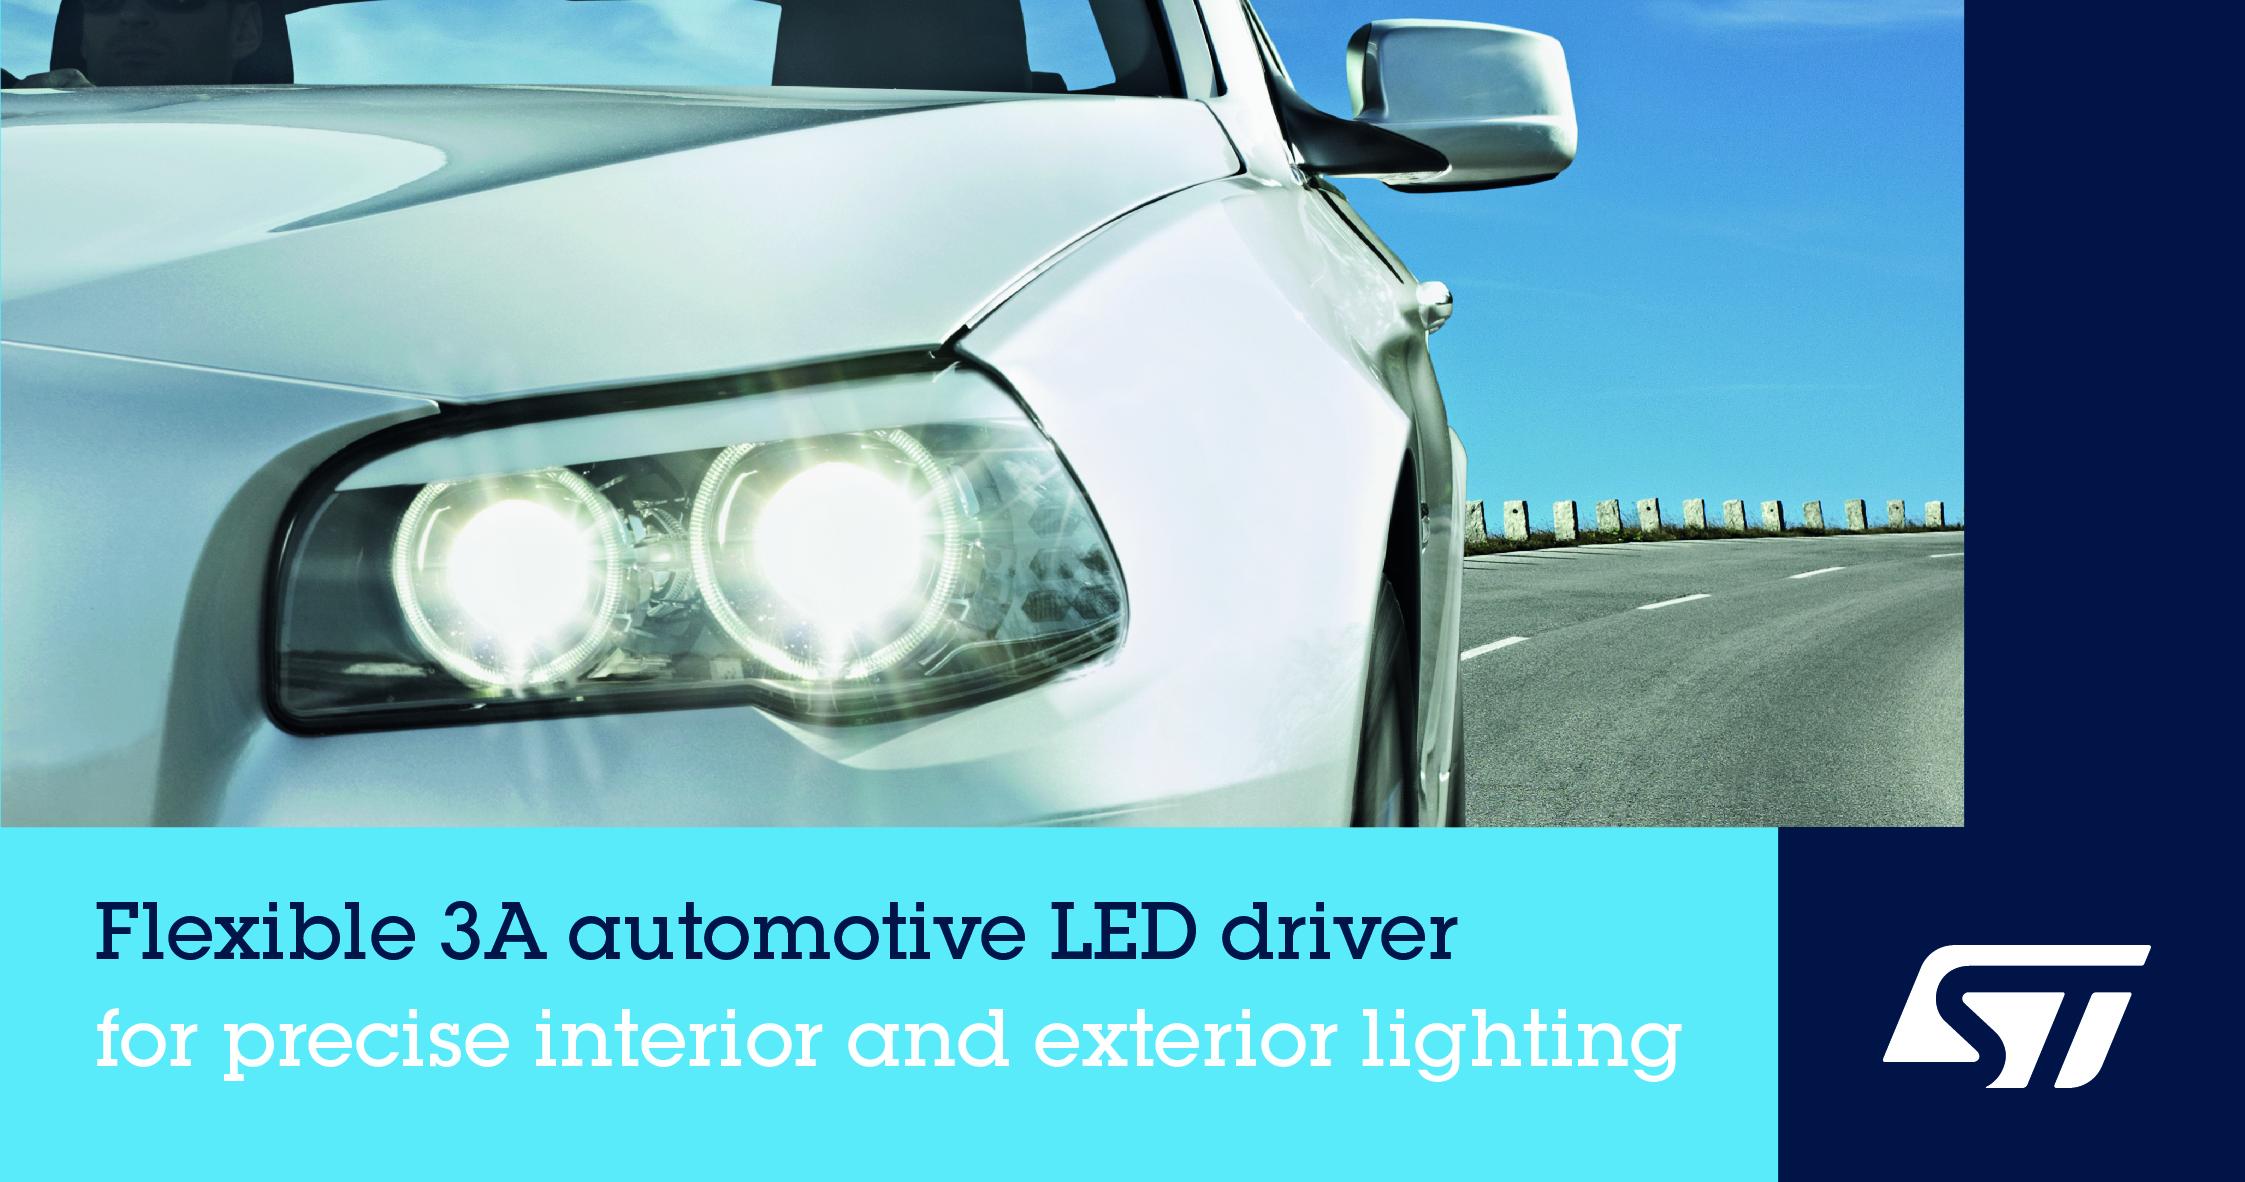 意法半导体发布高集成度、设计灵活的车规LED驱动器